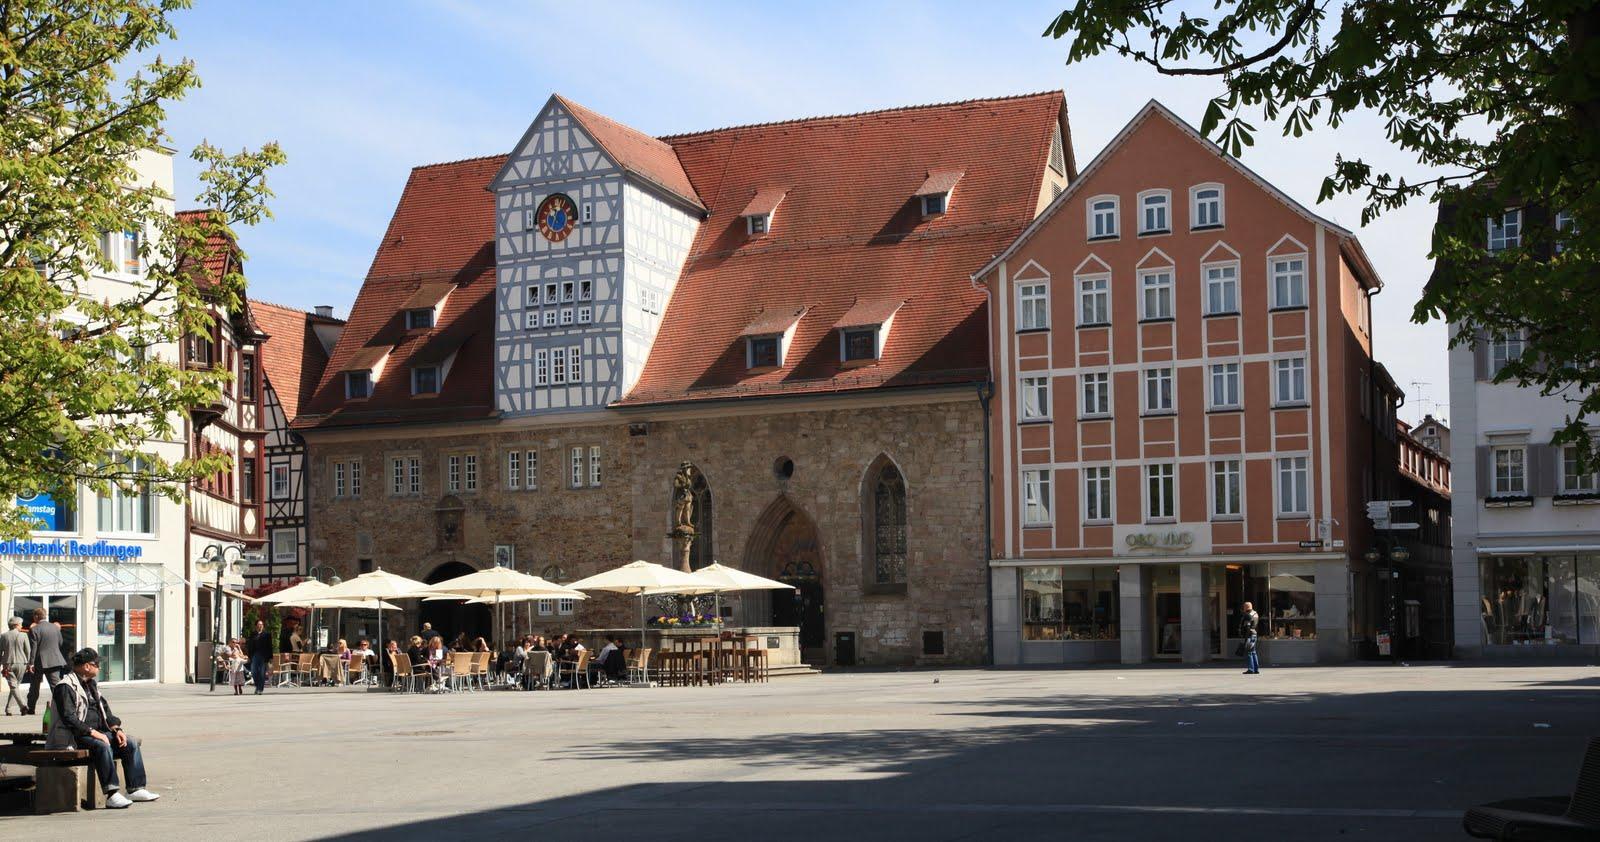 Bildertanz Hipp Trip Durch Reutlingen 7 Auf Dem Marktplatz